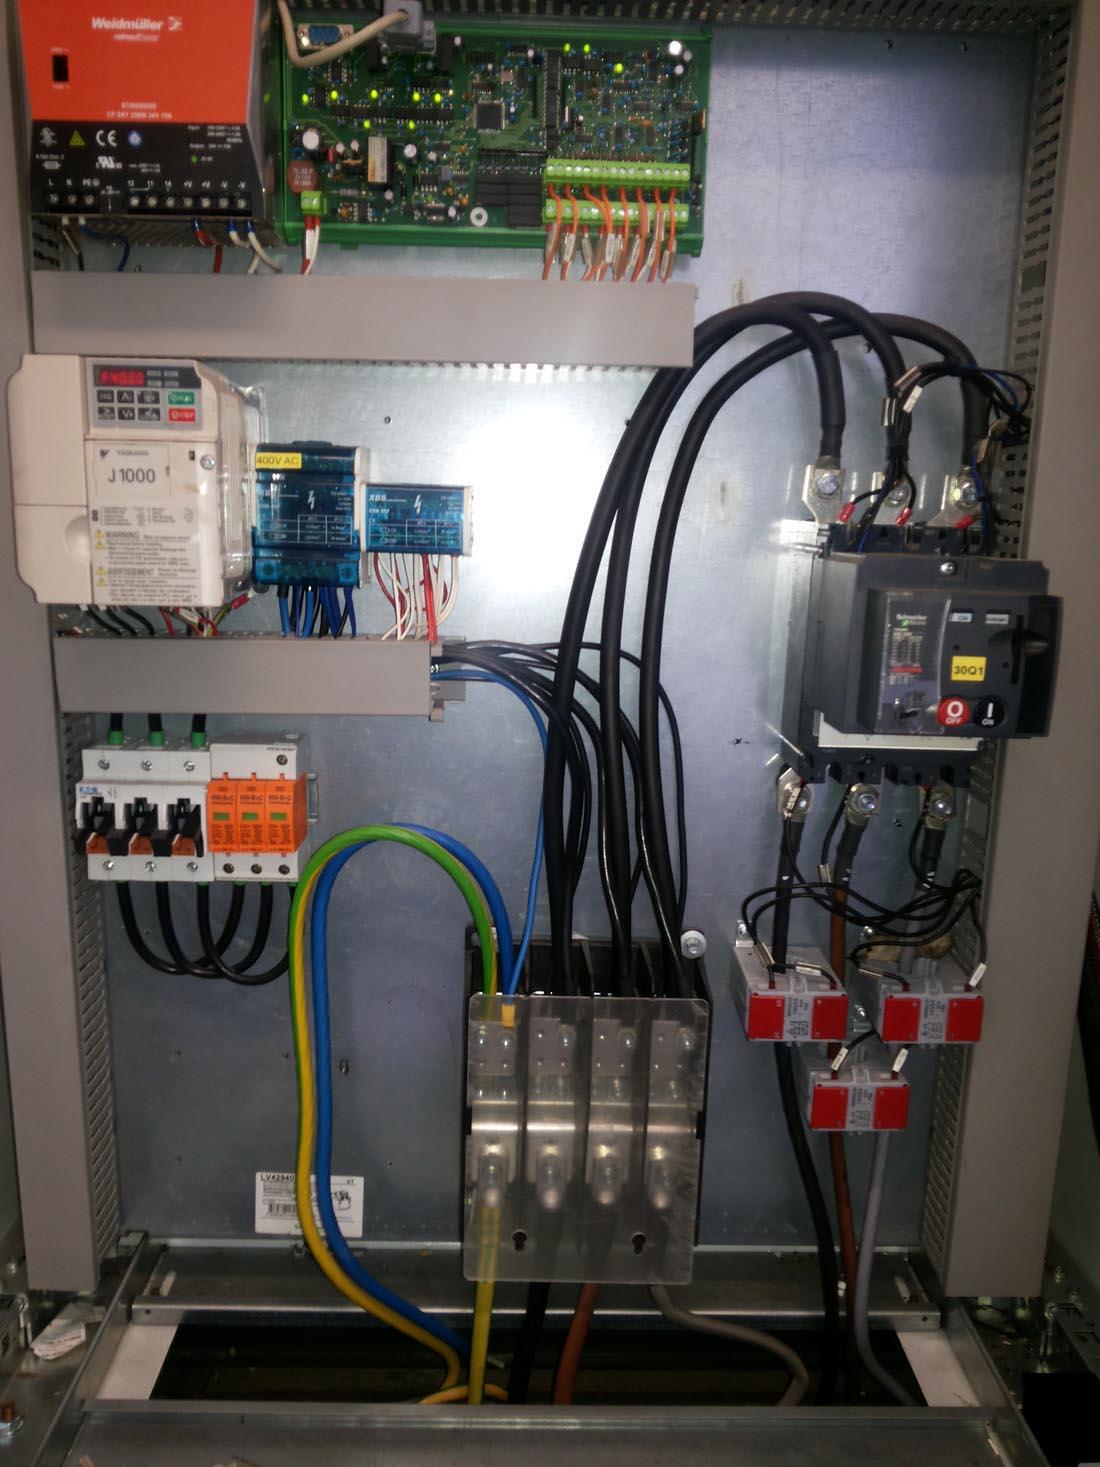 Tűzvédelmi szempontból is ellenőrizni kell a villamos hálózatot és berendezést